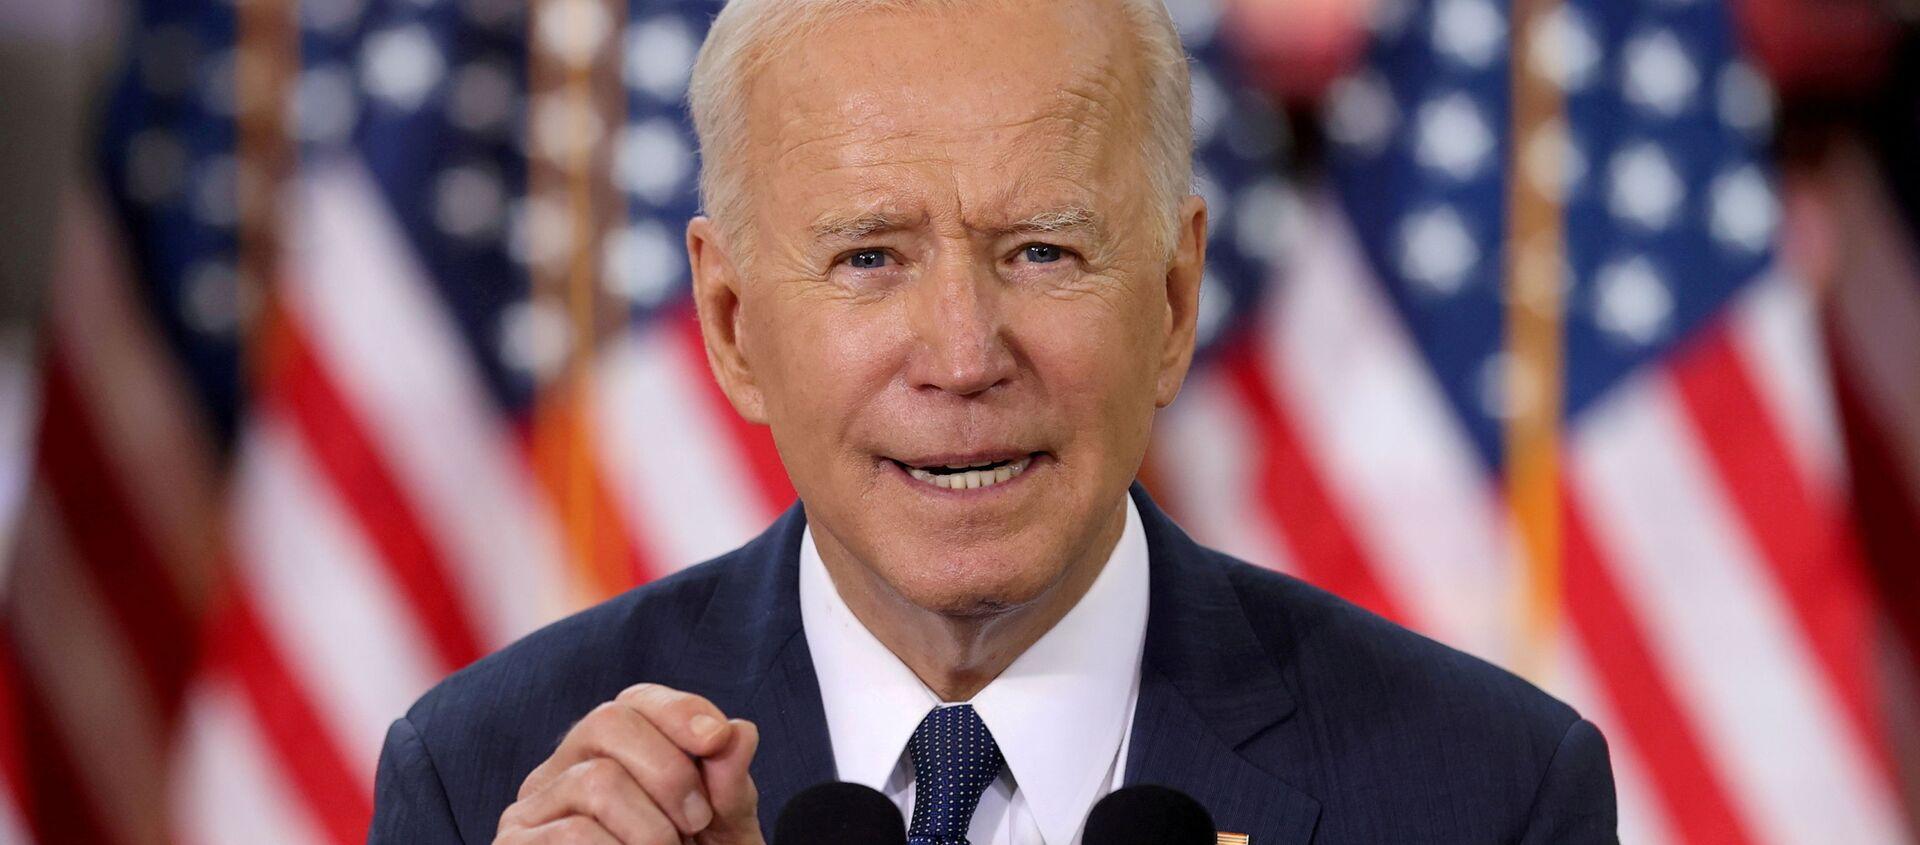 FILE PHOTO: Tổng thống Hoa Kỳ Joe Biden phát biểu về kế hoạch cơ sở hạ tầng của mình trong một sự kiện để giới thiệu kế hoạch tại Trung tâm Đào tạo Carpenters Pittsburgh ở Pittsburgh, Pennsylvania, Hoa Kỳ, ngày 31 tháng 3 năm 2021. - Sputnik Việt Nam, 1920, 13.05.2021